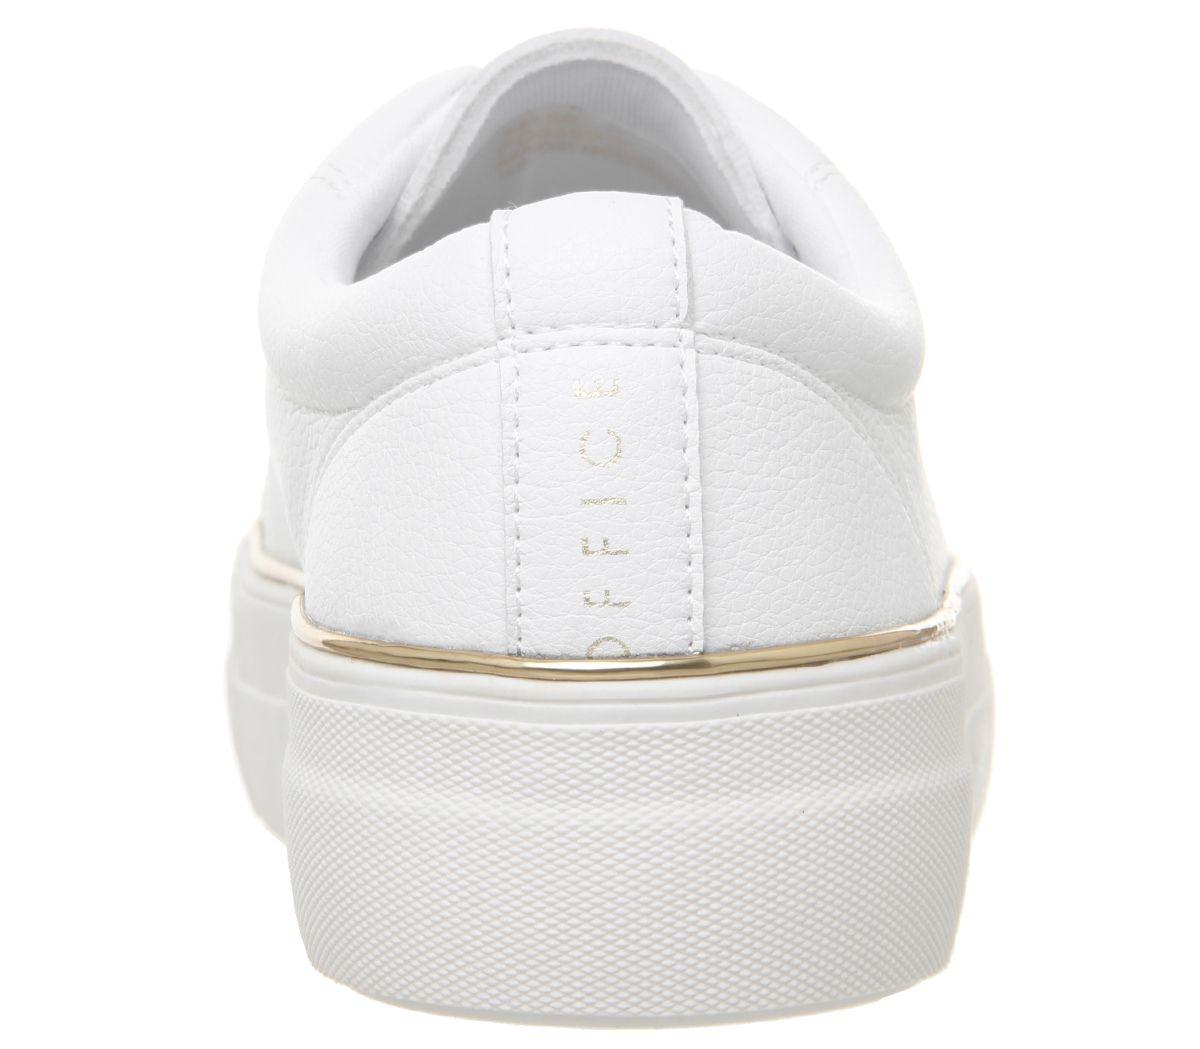 Ballet Pumps \u0026 Flats Shoes \u0026 Bags